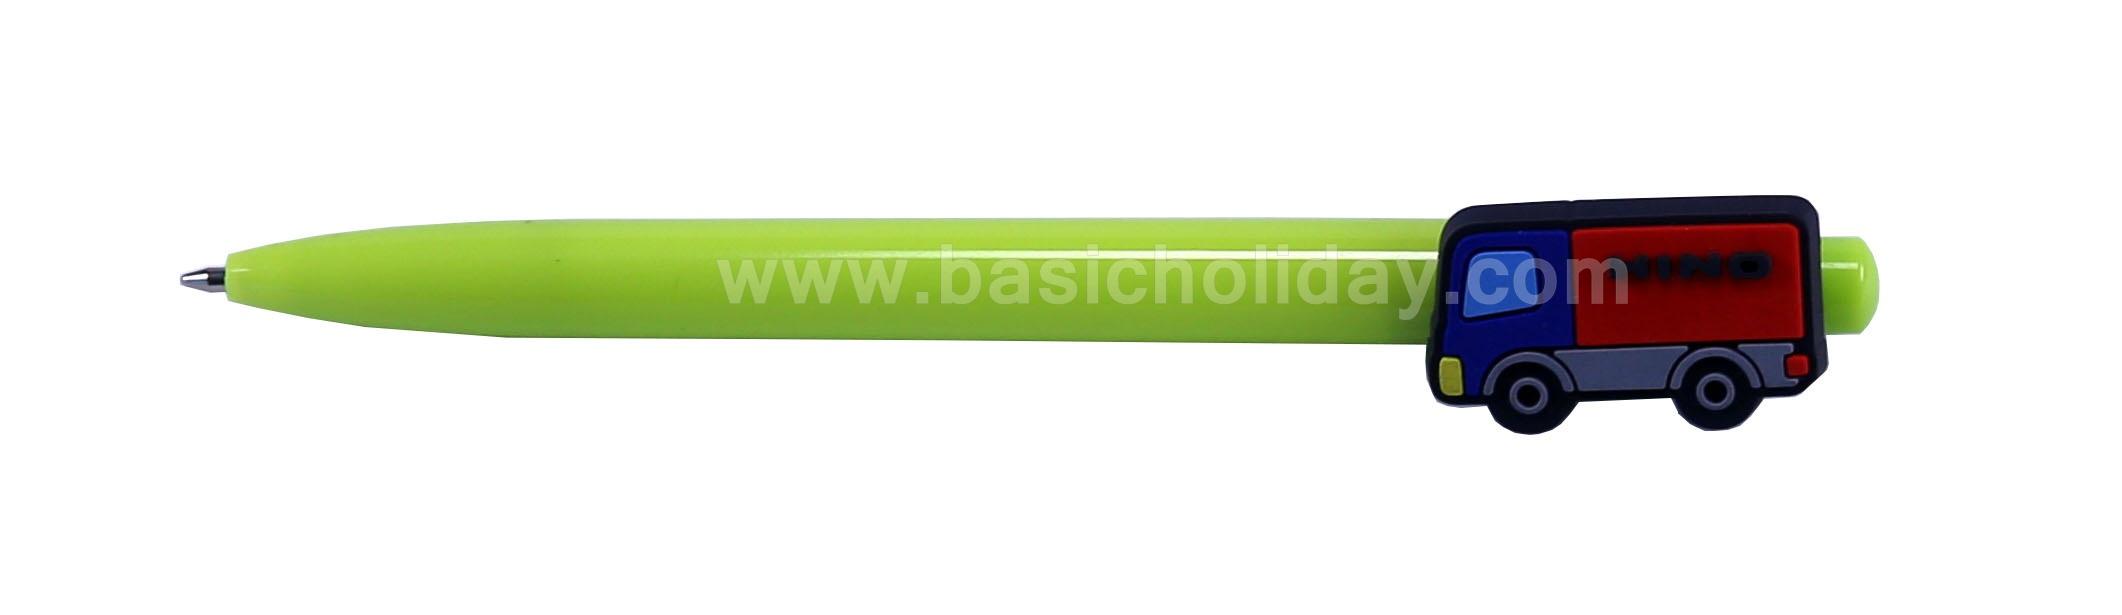 ปากกาโลโก้ยาง ปากกามาสคอต mascot pen ปากกาหัวการ์ตูน ปากกาหัวโลโก้ ของที่ระลึก ของพรีเมี่ยม ของแจก